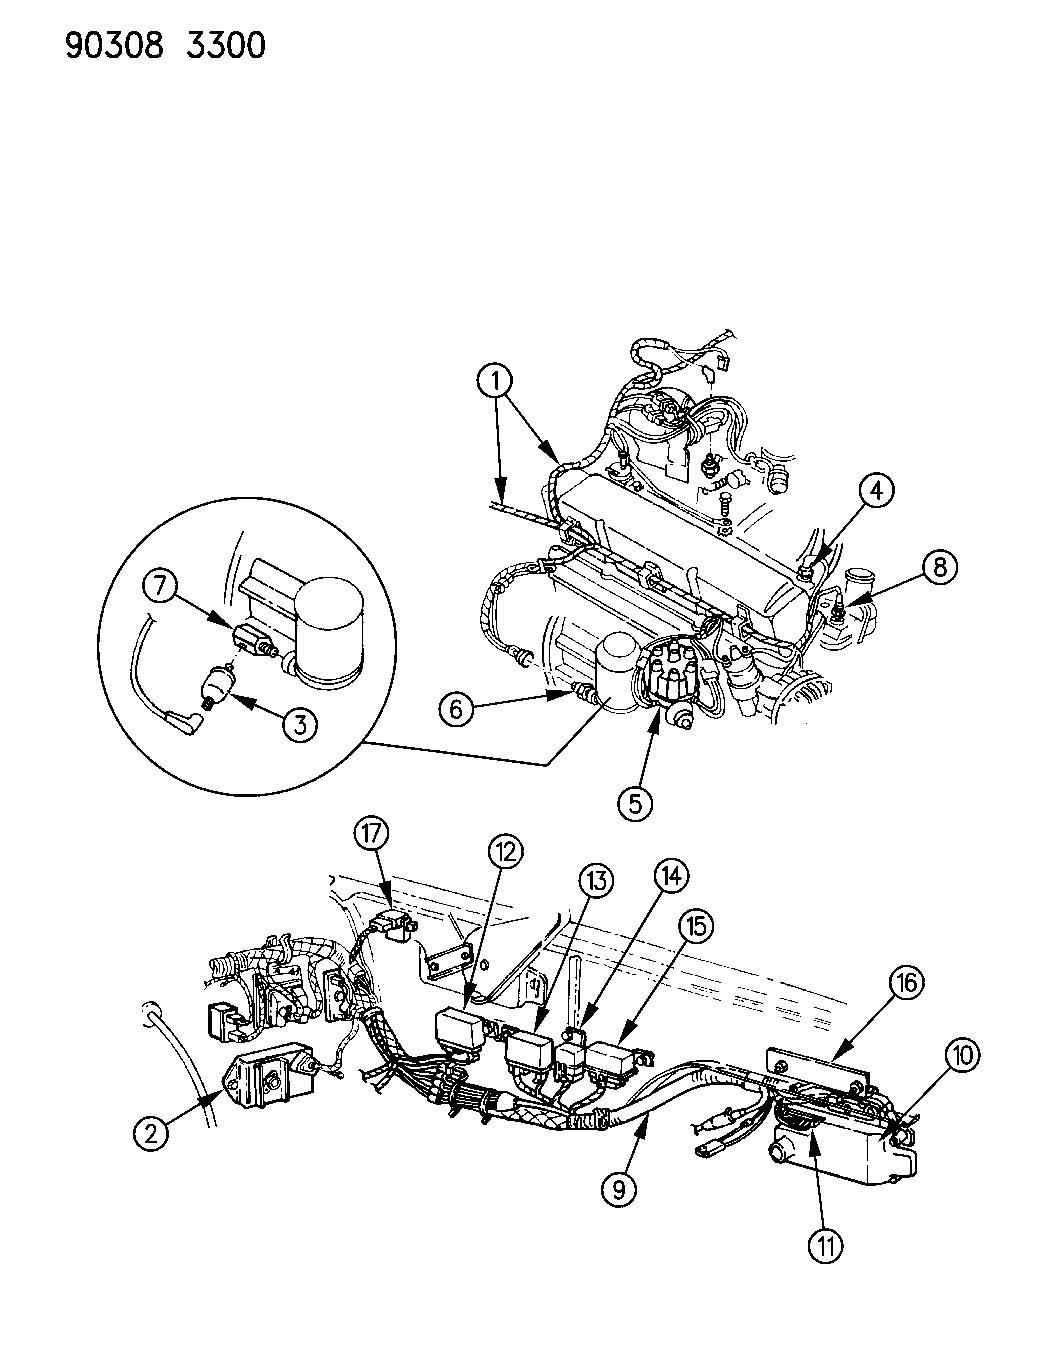 honda cbr900rr fuel pump wiring diagram nissan fuel pump